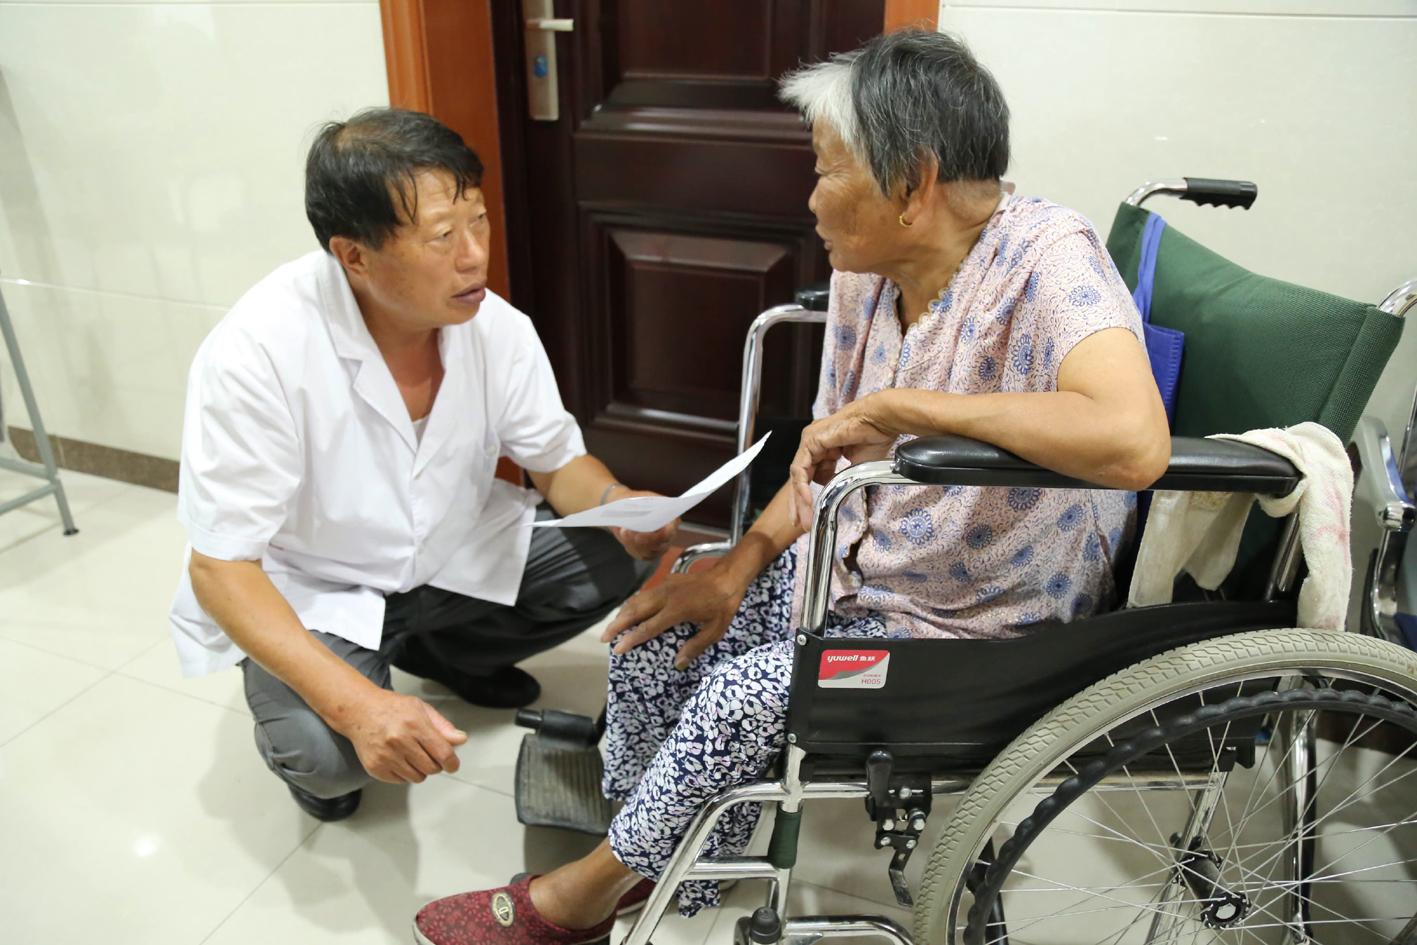 """51年扎根基层医疗卫生工作 他是村民健康""""守护神"""""""